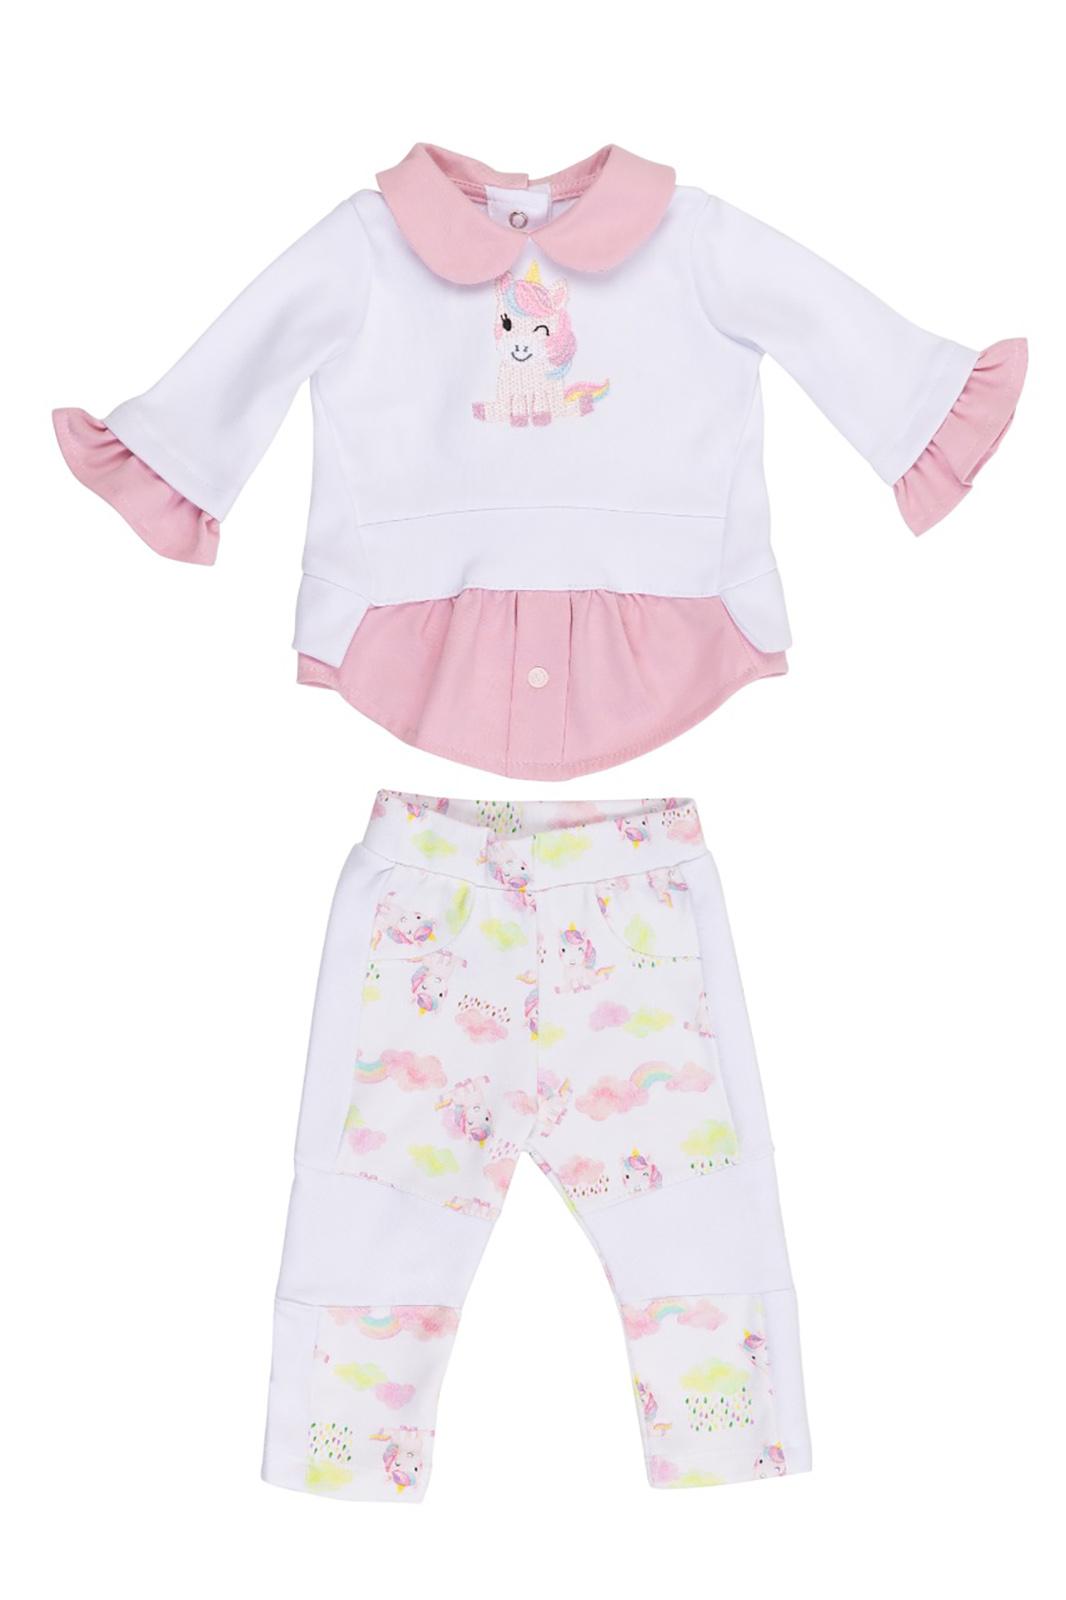 Conjunto Infantil Coquelicot  2 peças Moletom Camisa feminina e Calça montaria Unicórnio Branco e Rosa